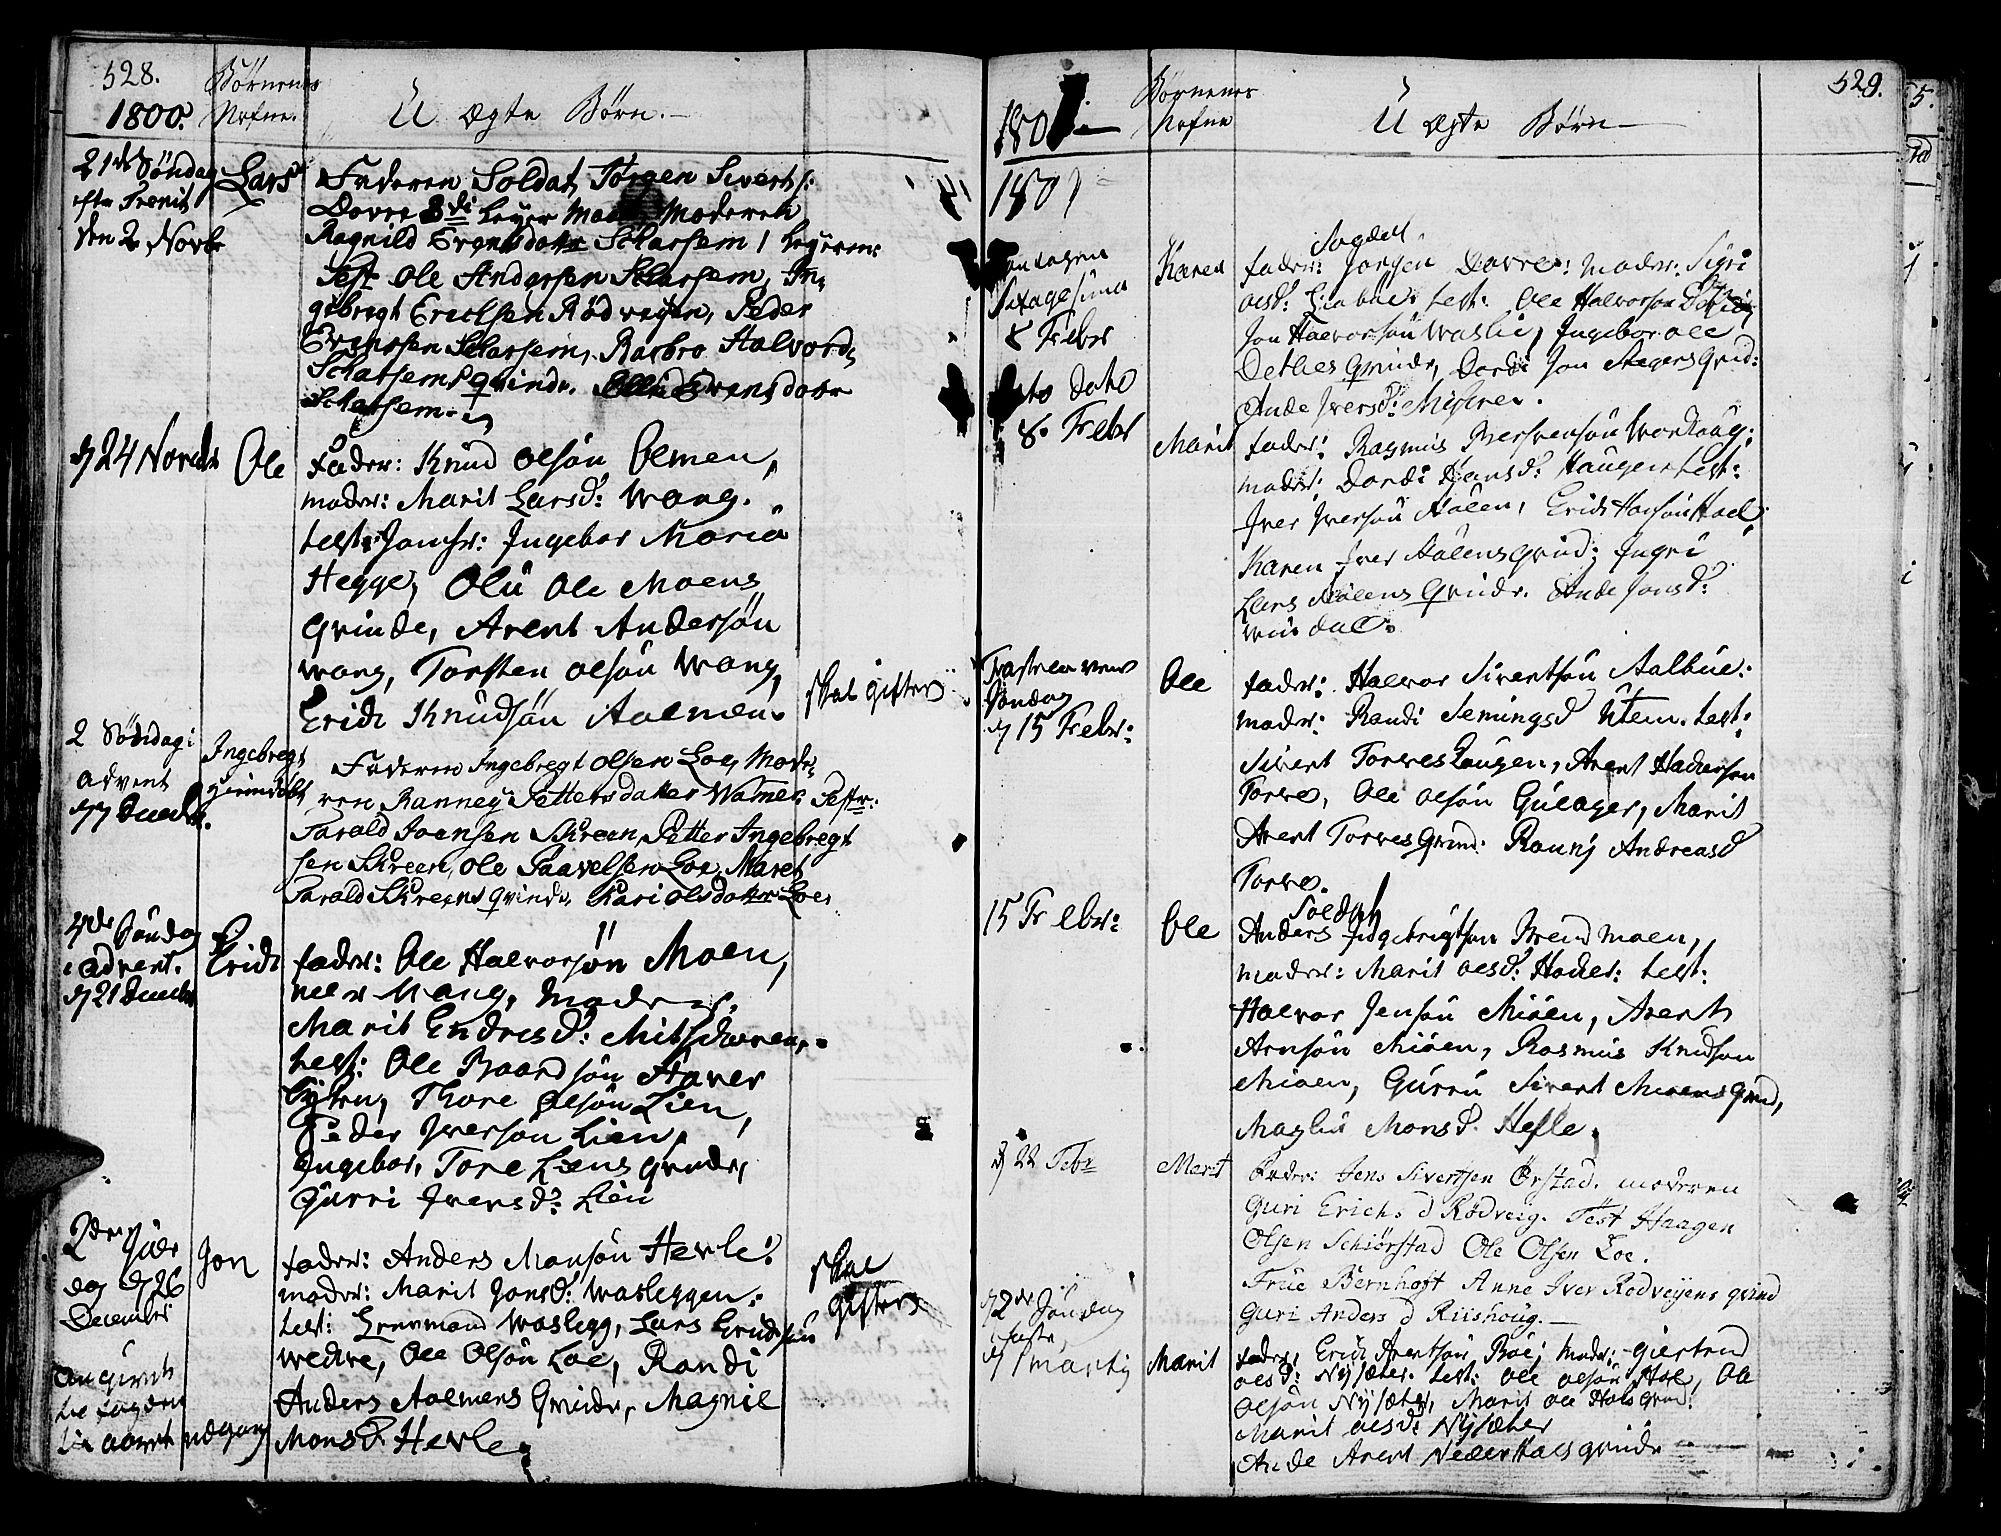 SAT, Ministerialprotokoller, klokkerbøker og fødselsregistre - Sør-Trøndelag, 678/L0893: Ministerialbok nr. 678A03, 1792-1805, s. 528-529